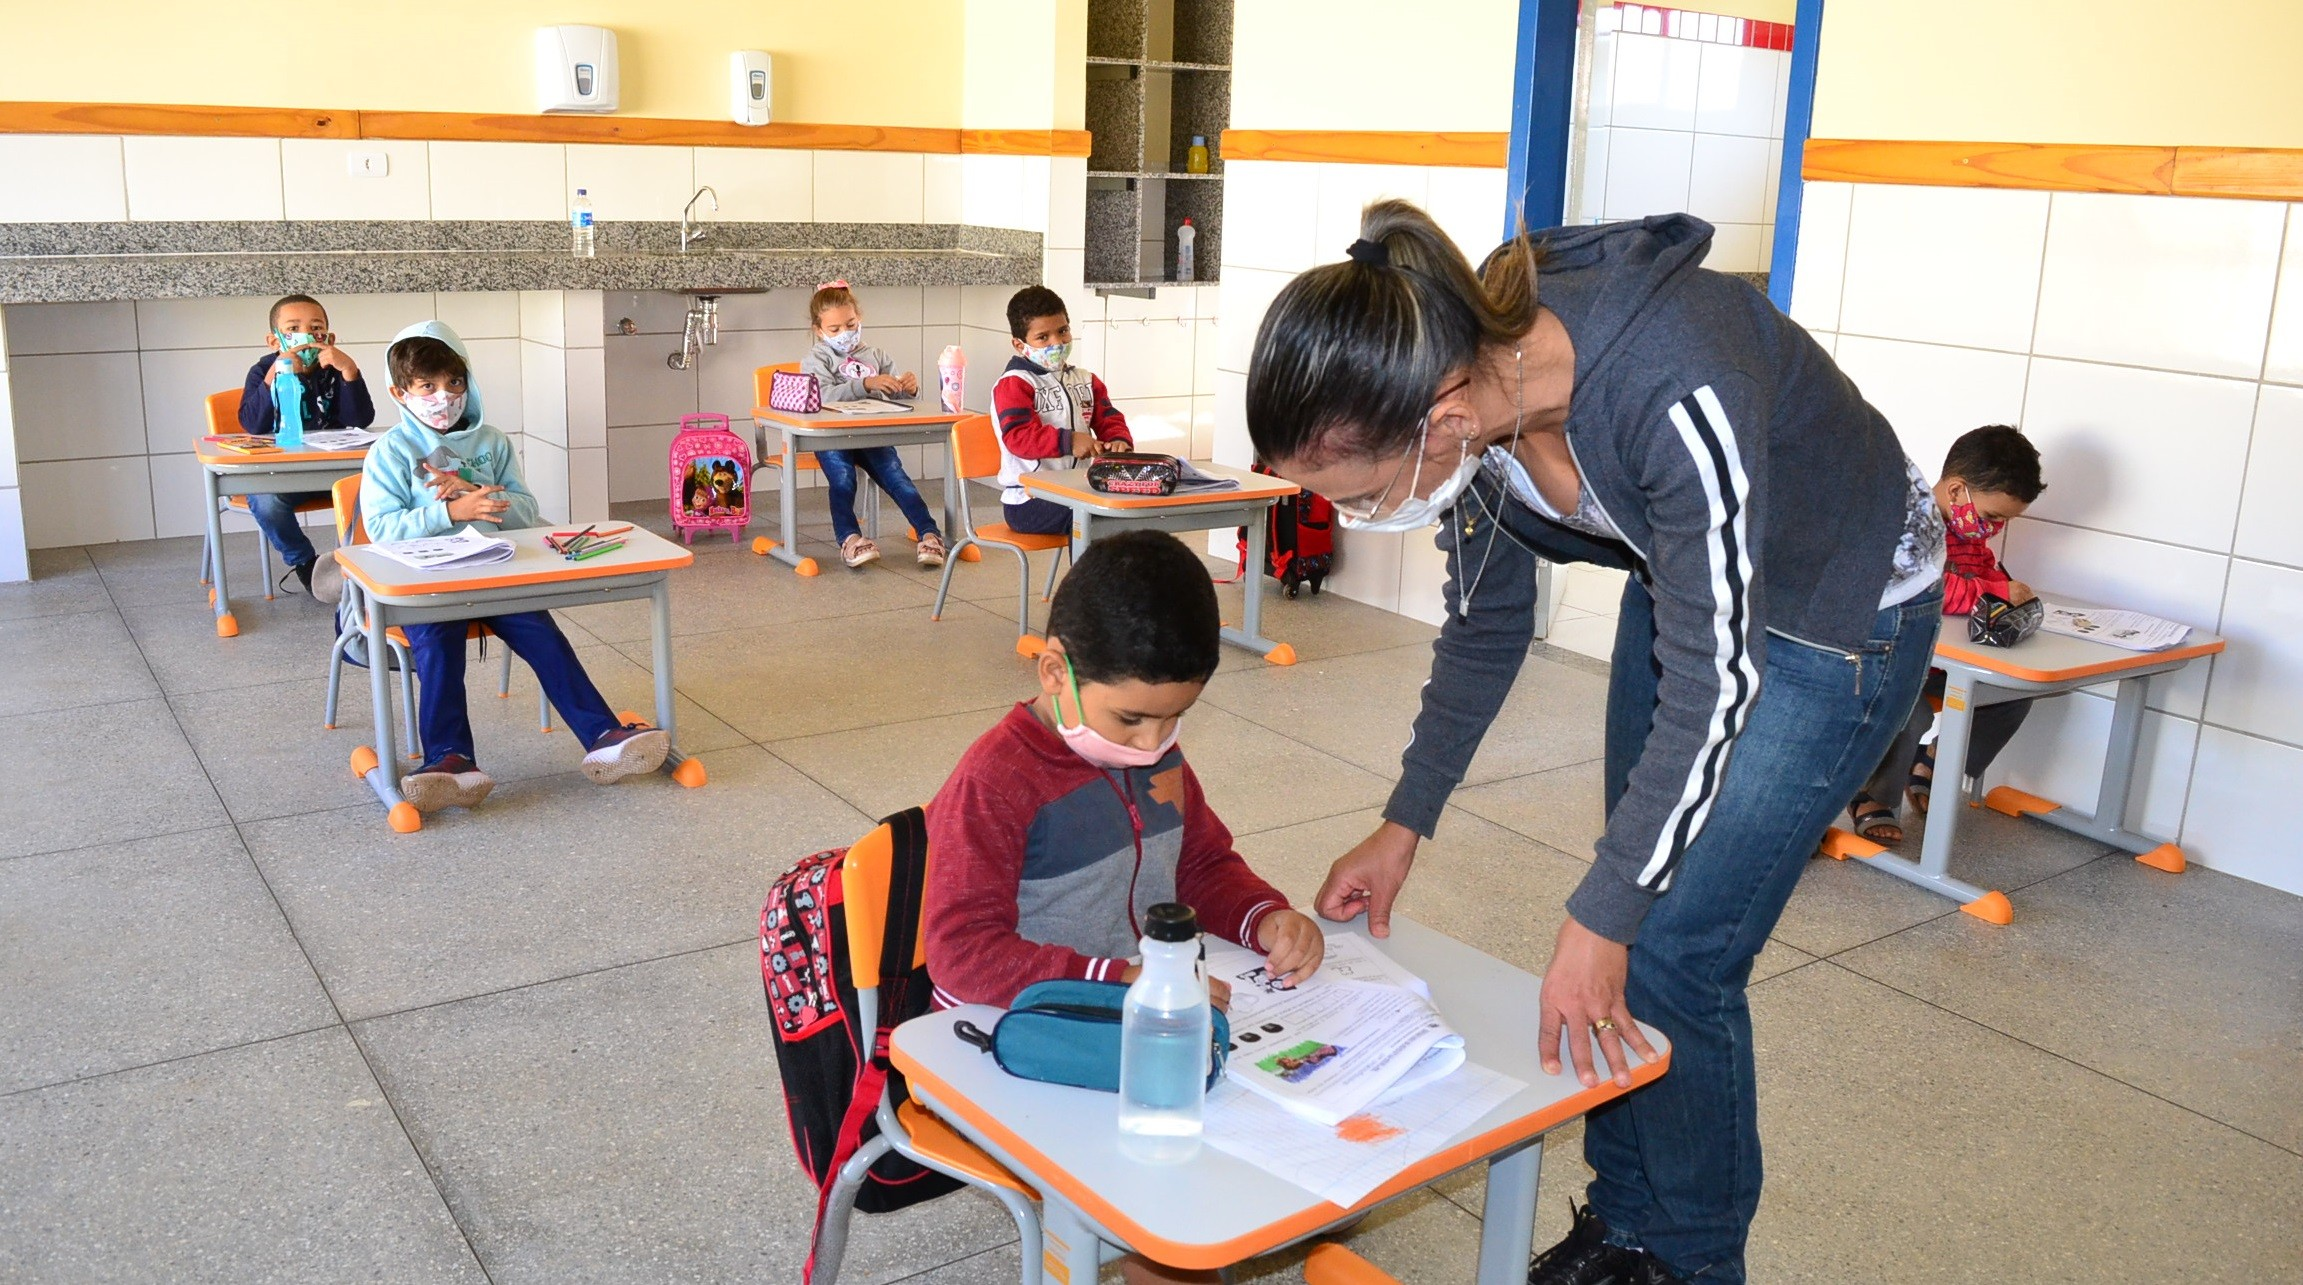 Volta às aulas com 100% dos alunos nas salas de aula em Montes Claros: perguntas e respostas